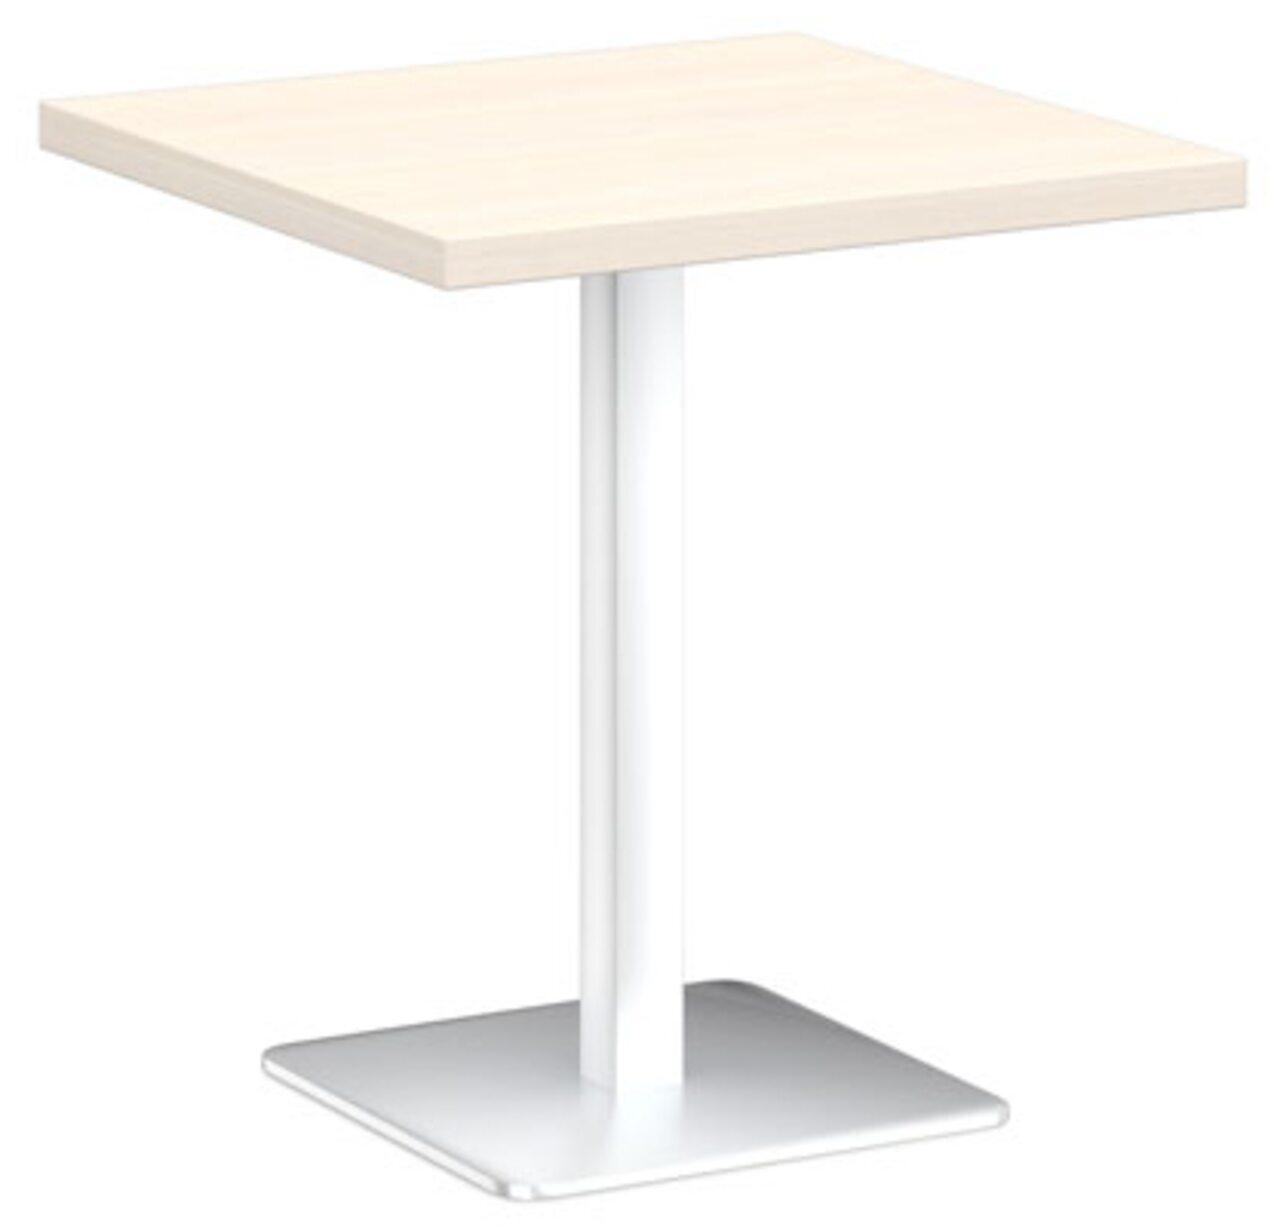 Стол на металлической опоре - фото 4